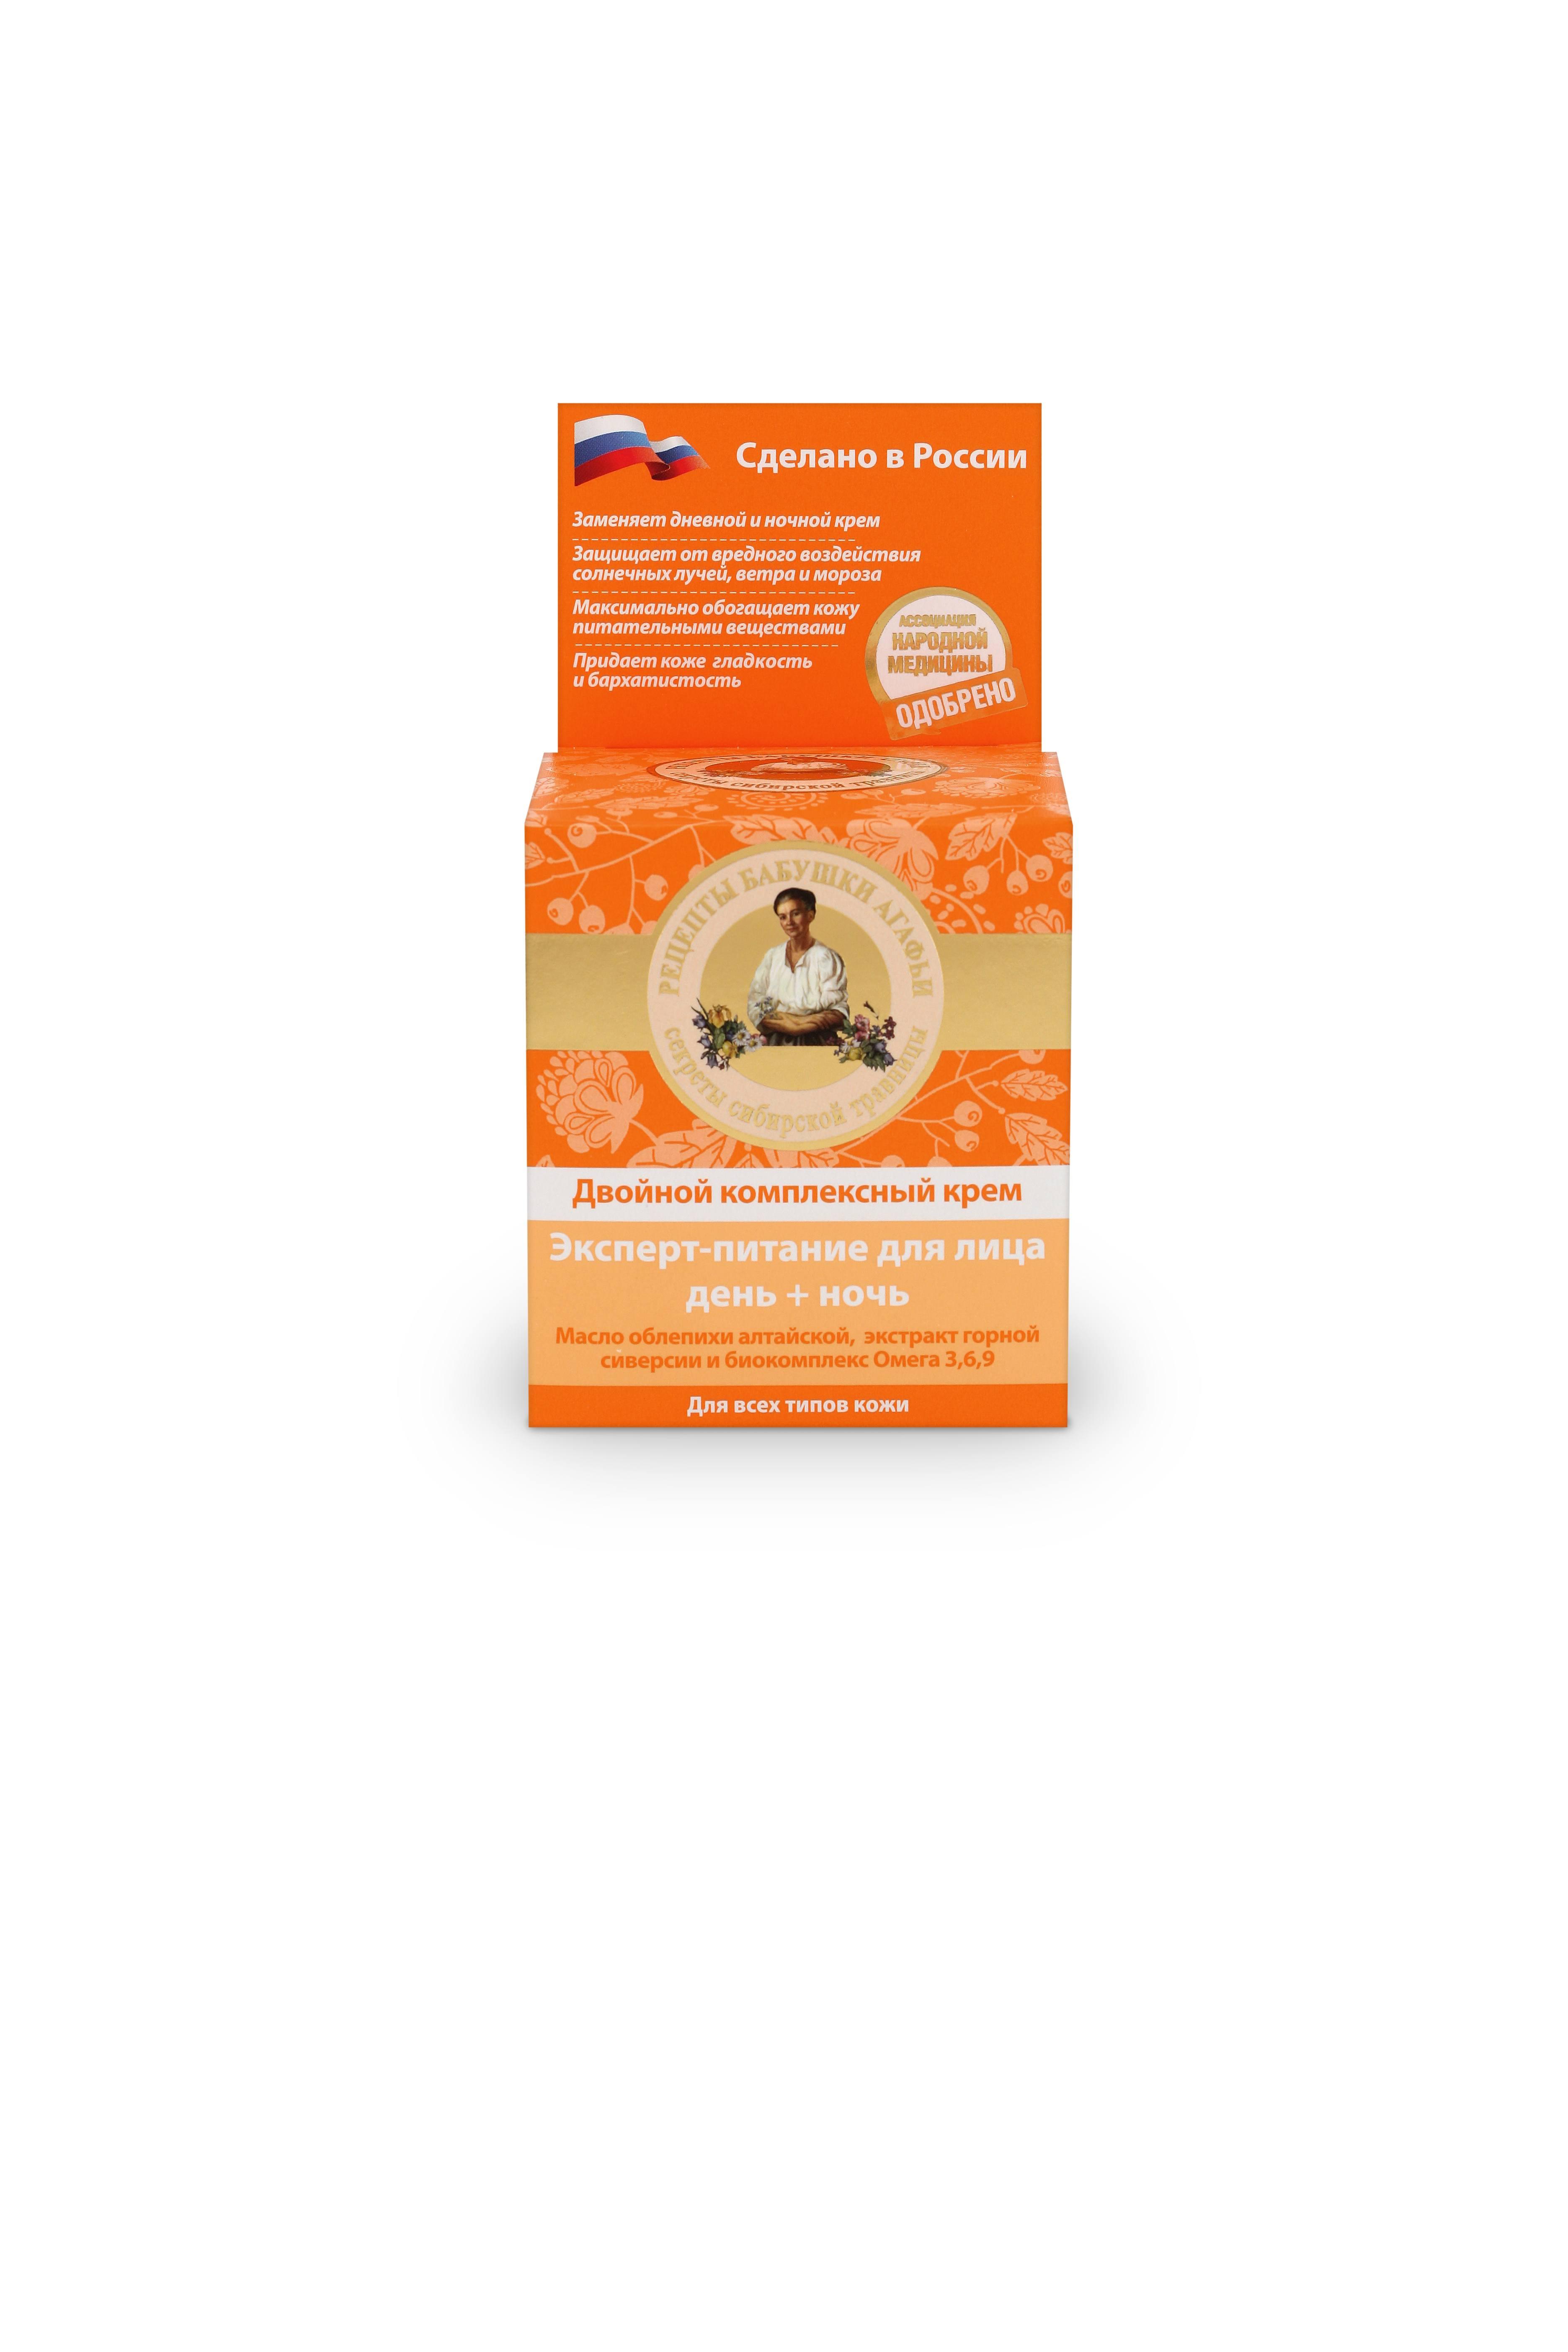 Купить Рецепты бабушки Агафьи Крем для лица эксперт-питание день+ночь, 100 мл, РЕЦЕПТЫ БАБУШКИ АГАФЬИ (shop: Organic-shops Organic shops)